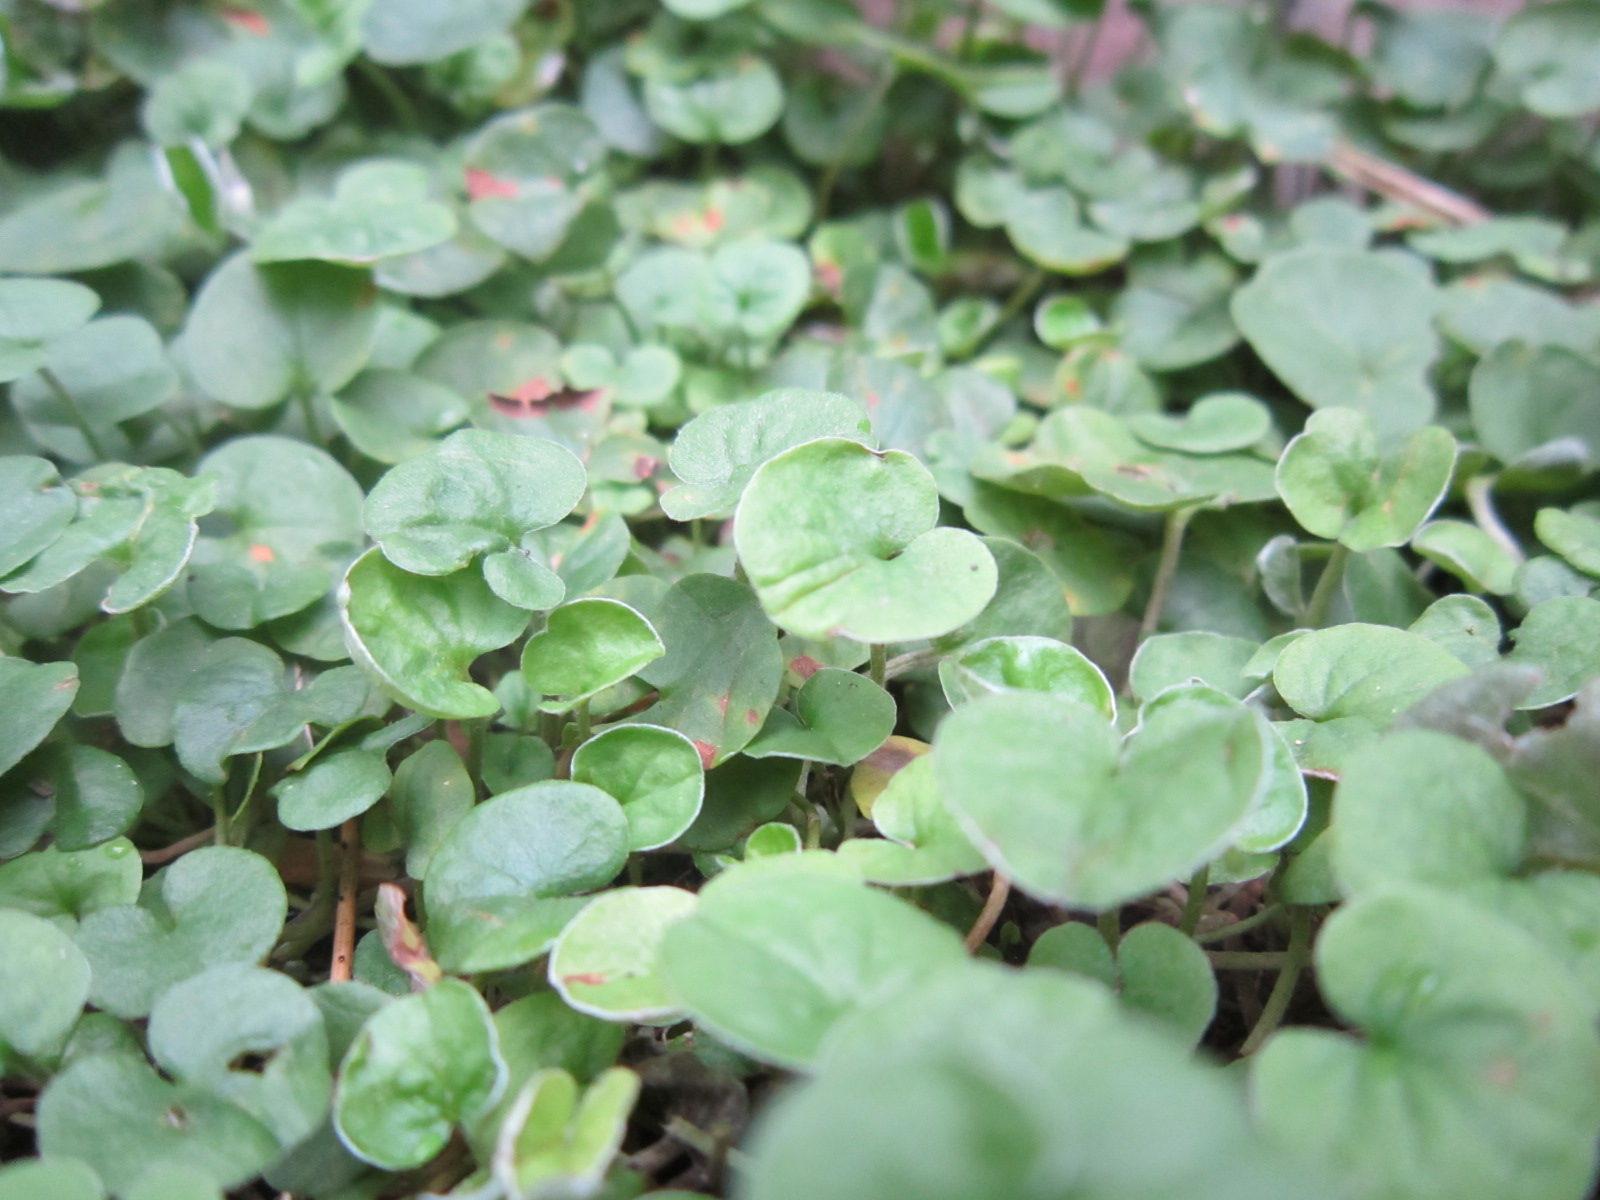 ウォーターマッシュルーム学名:Hydrocotyle verticillata